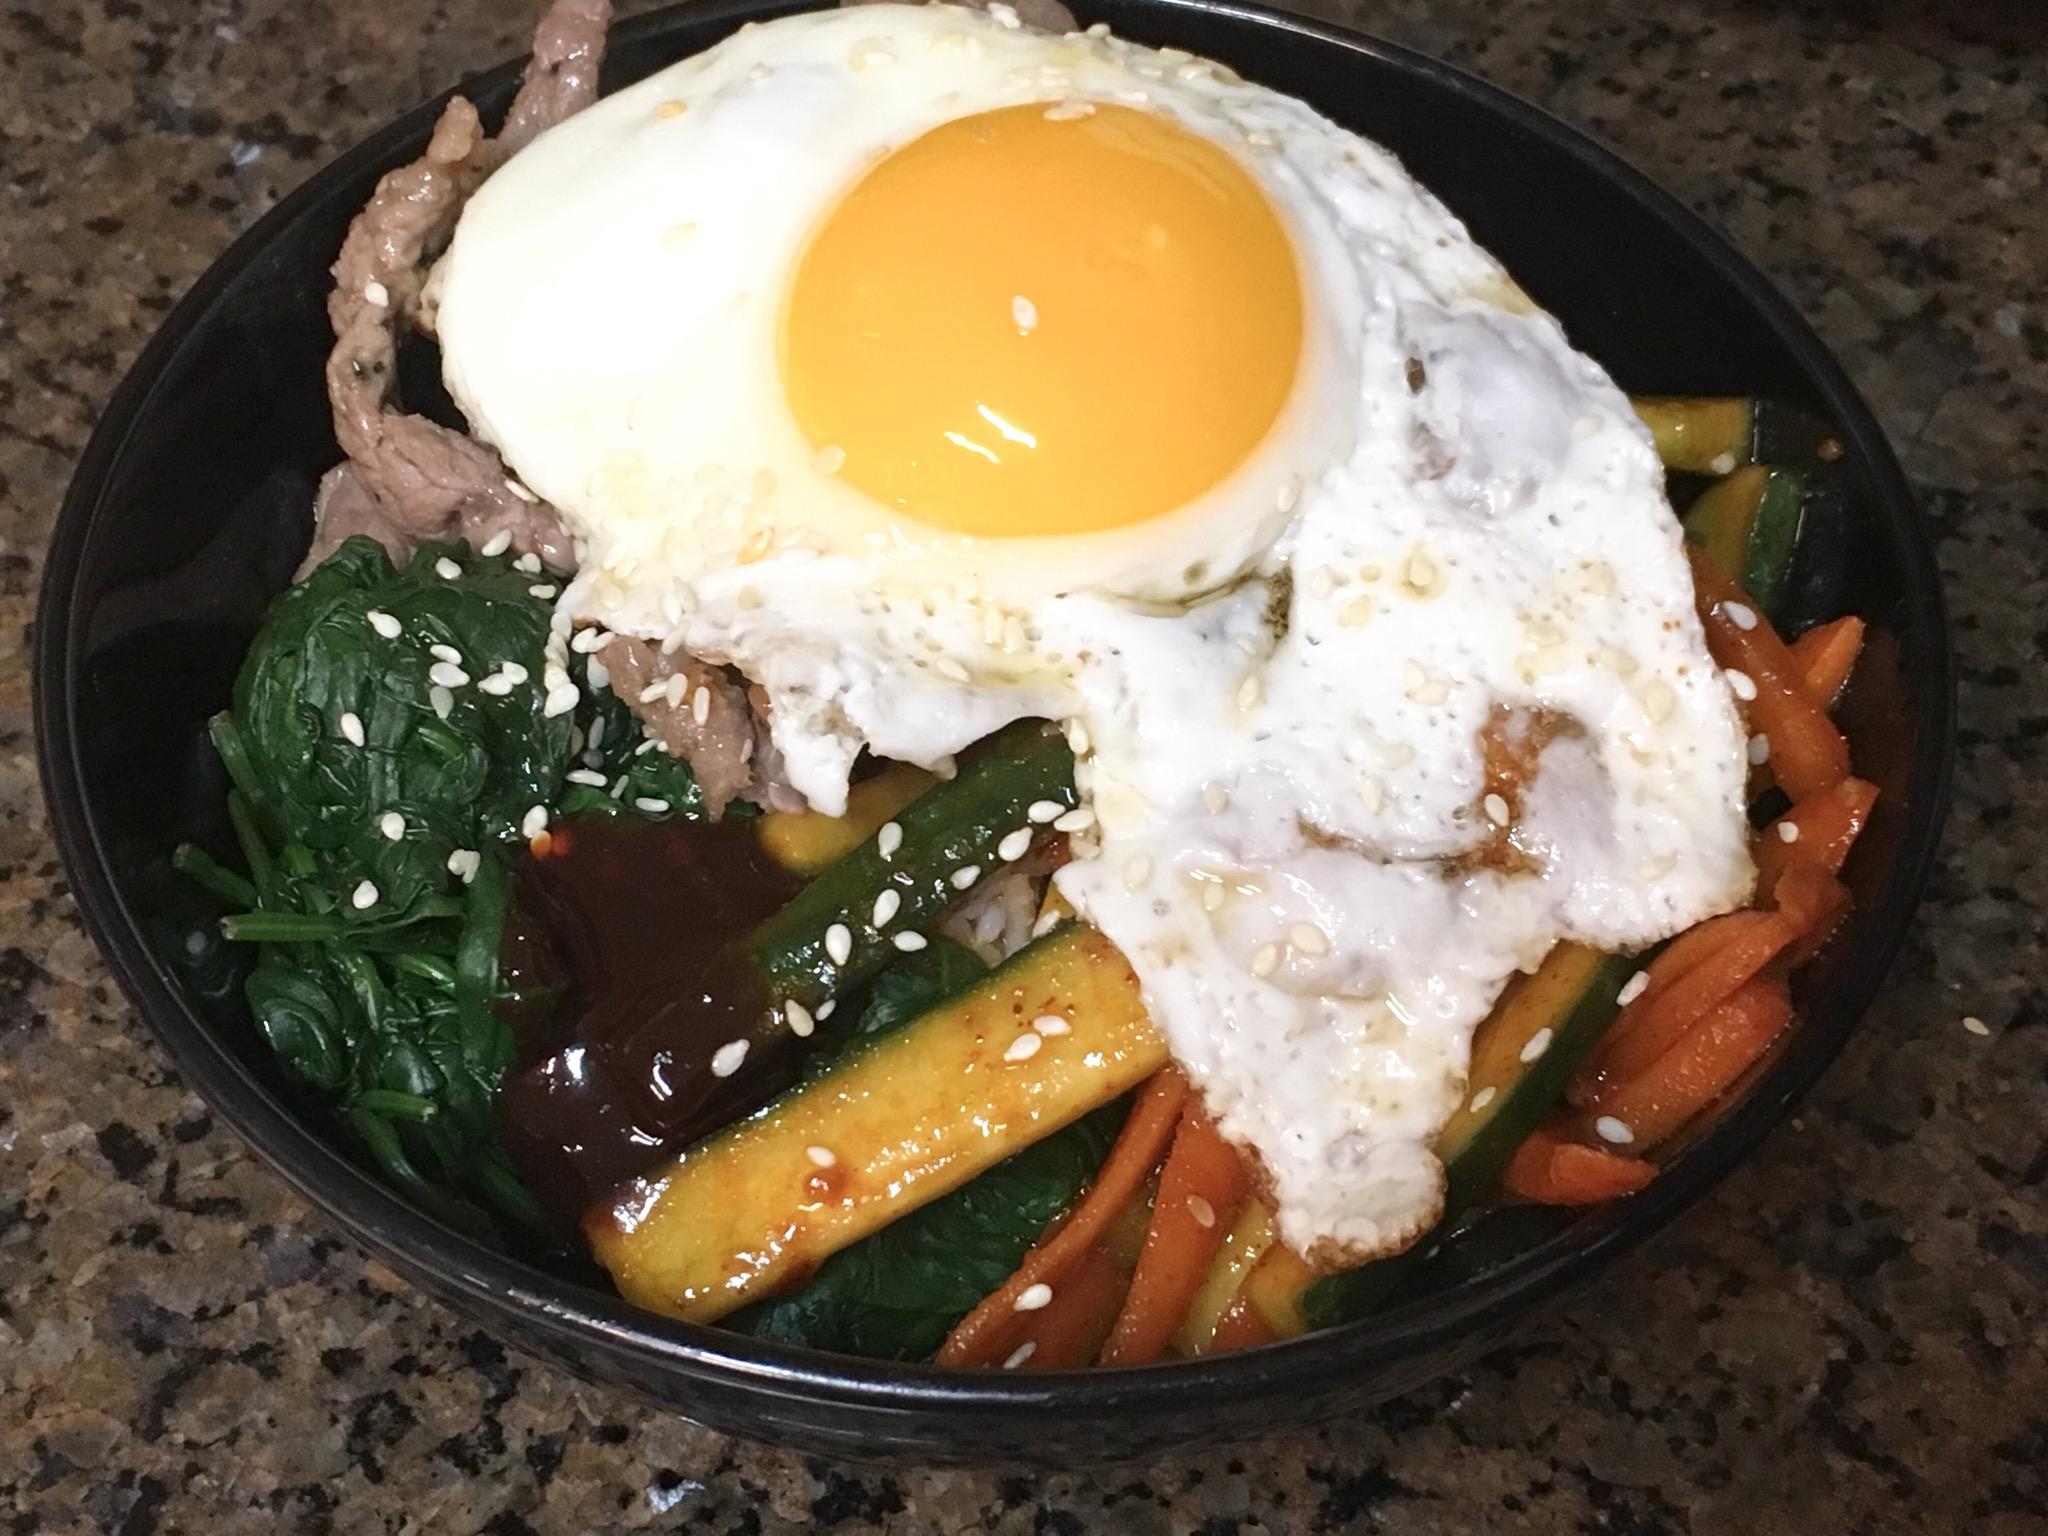 Bibimbap (Korean Rice With Mixed Vegetables)